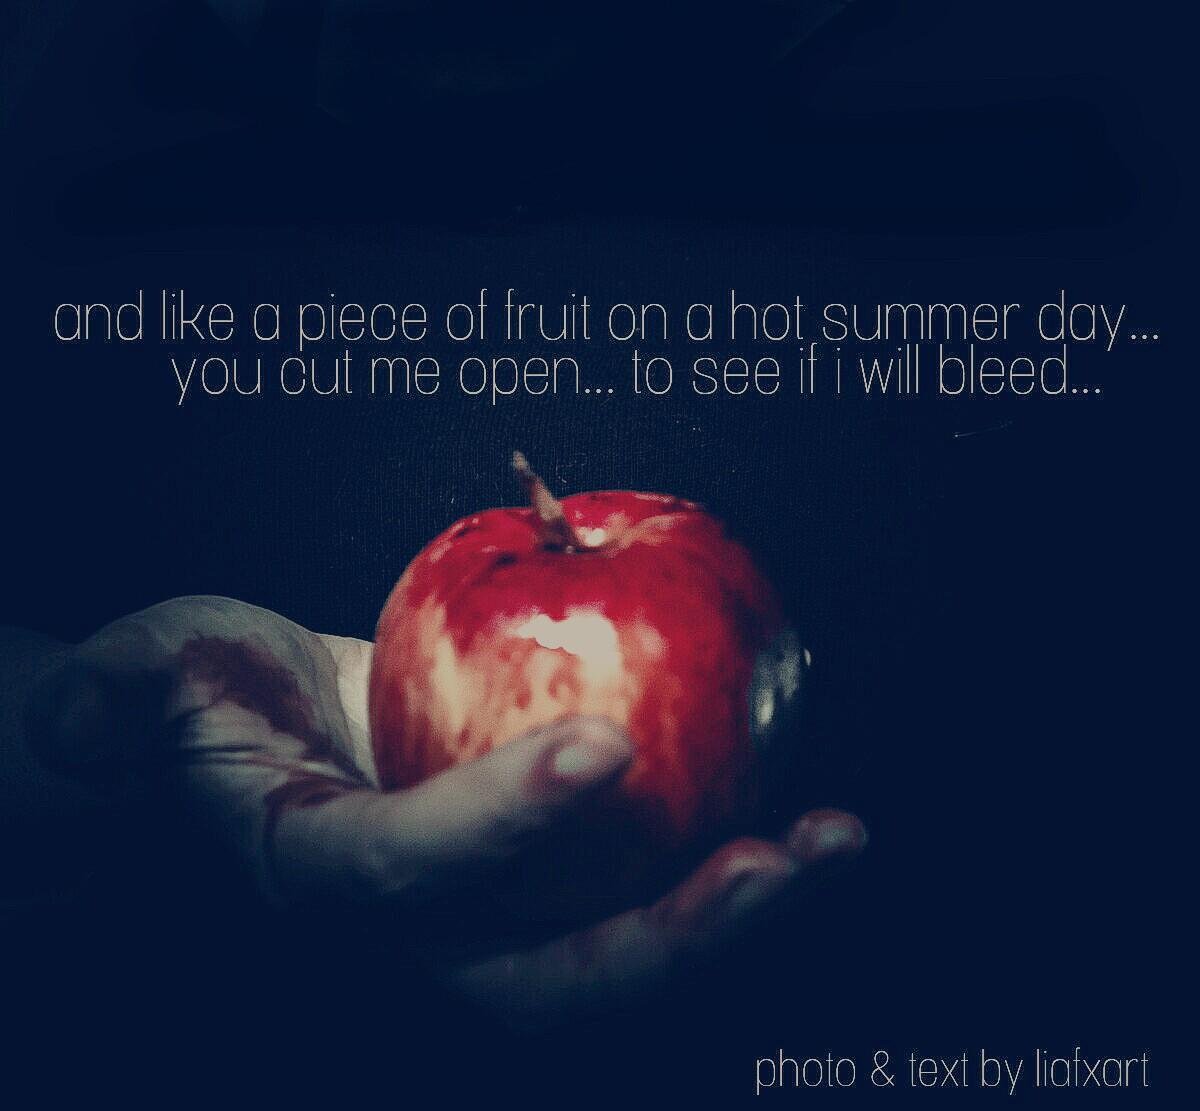 Cut me open